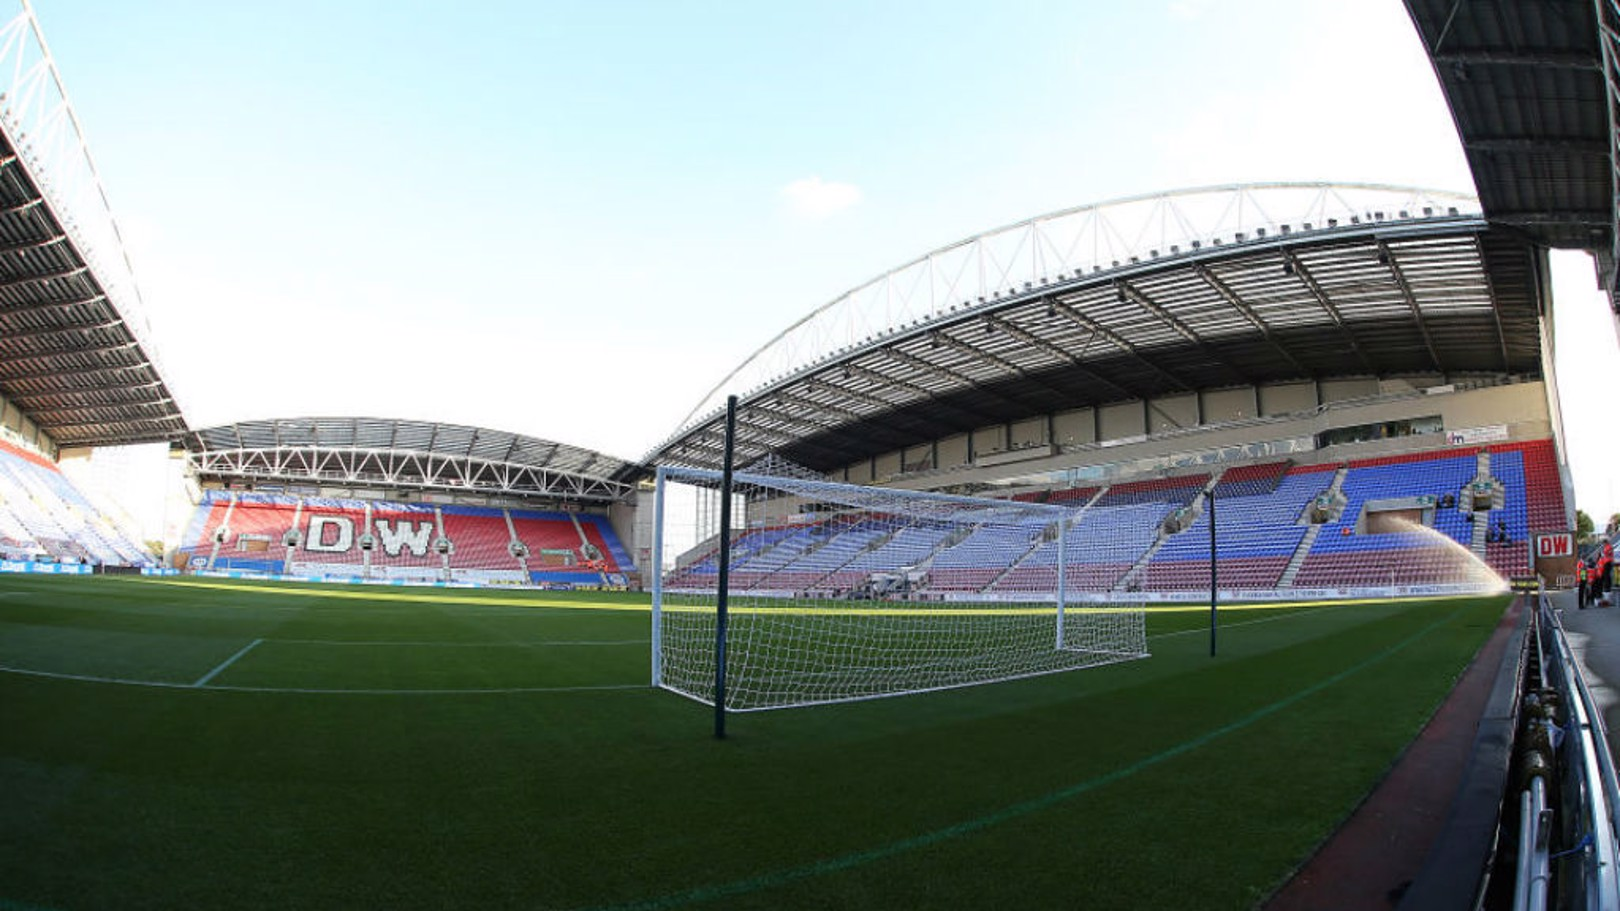 El DW Stadium, hogar del Wigan Athletic, será donde el Manchester City dispute los octavos de final de la FA Cup.